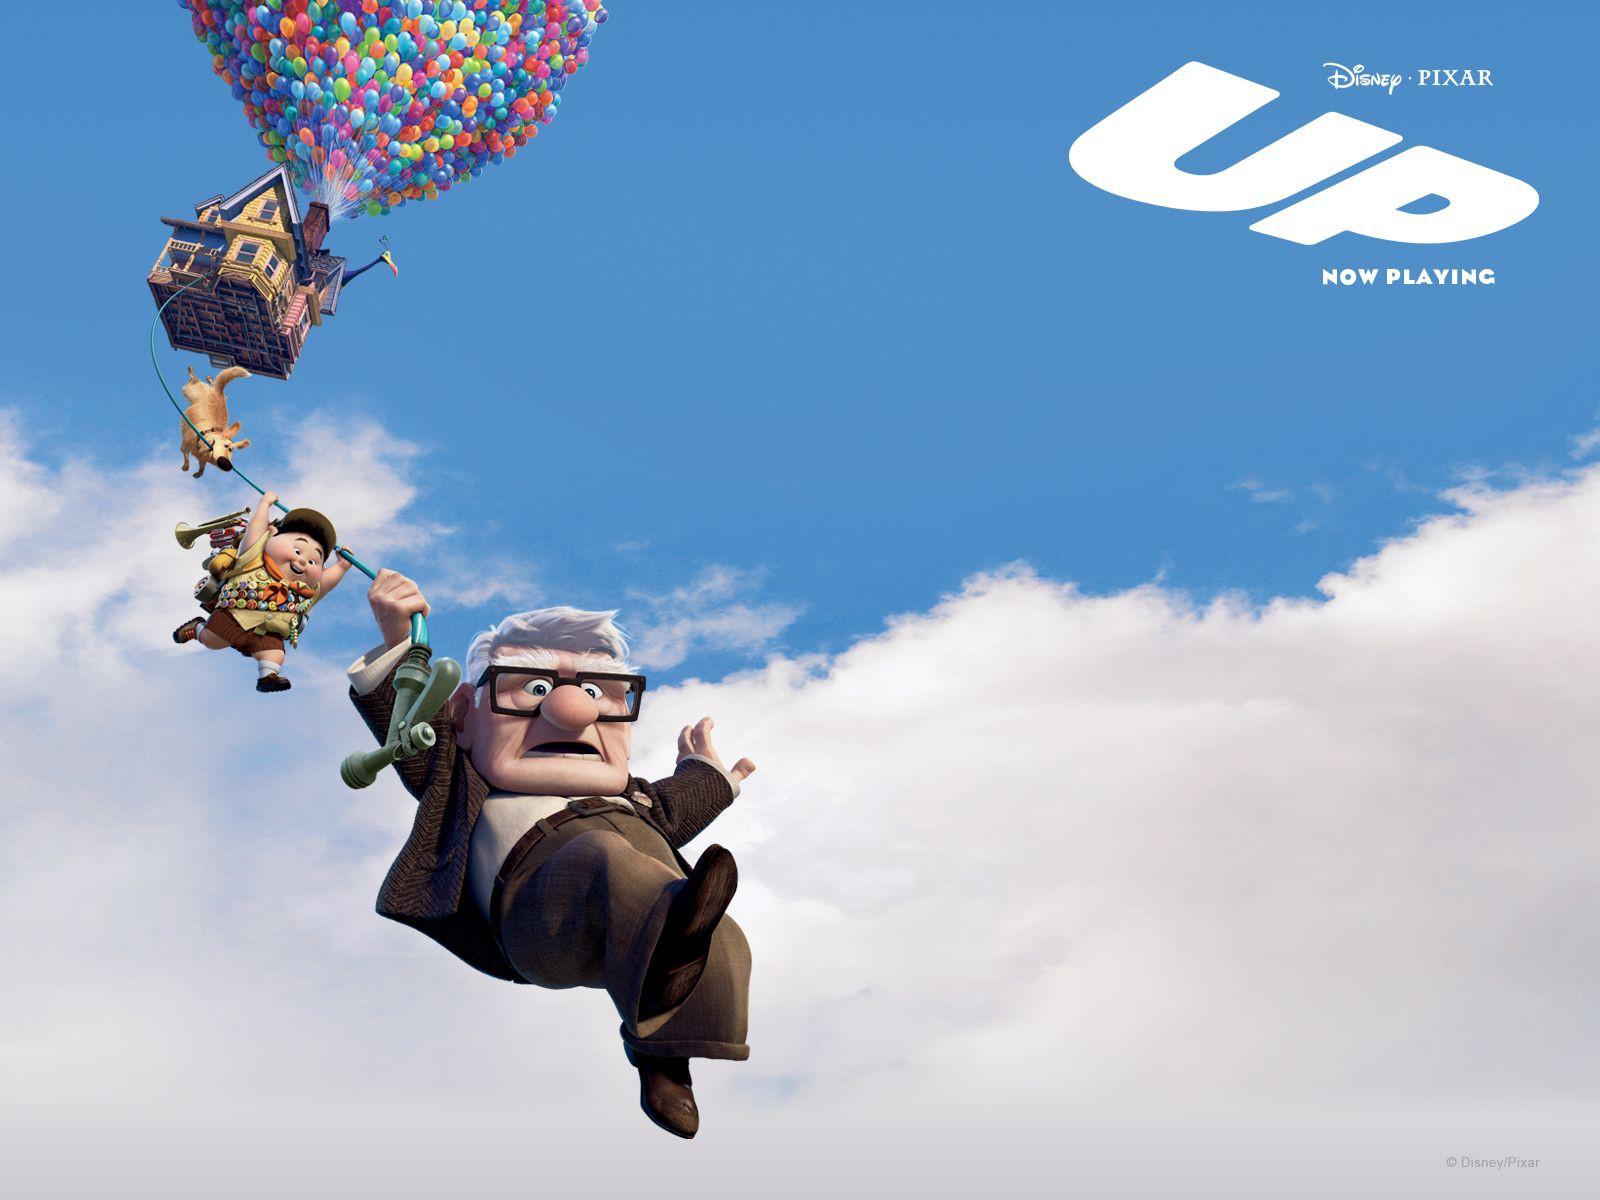 Từ một studio đầy sáng tạo, Pixar chỉ còn là nhà máy sản xuất hậu truyện như thế nào? - Ảnh 3.